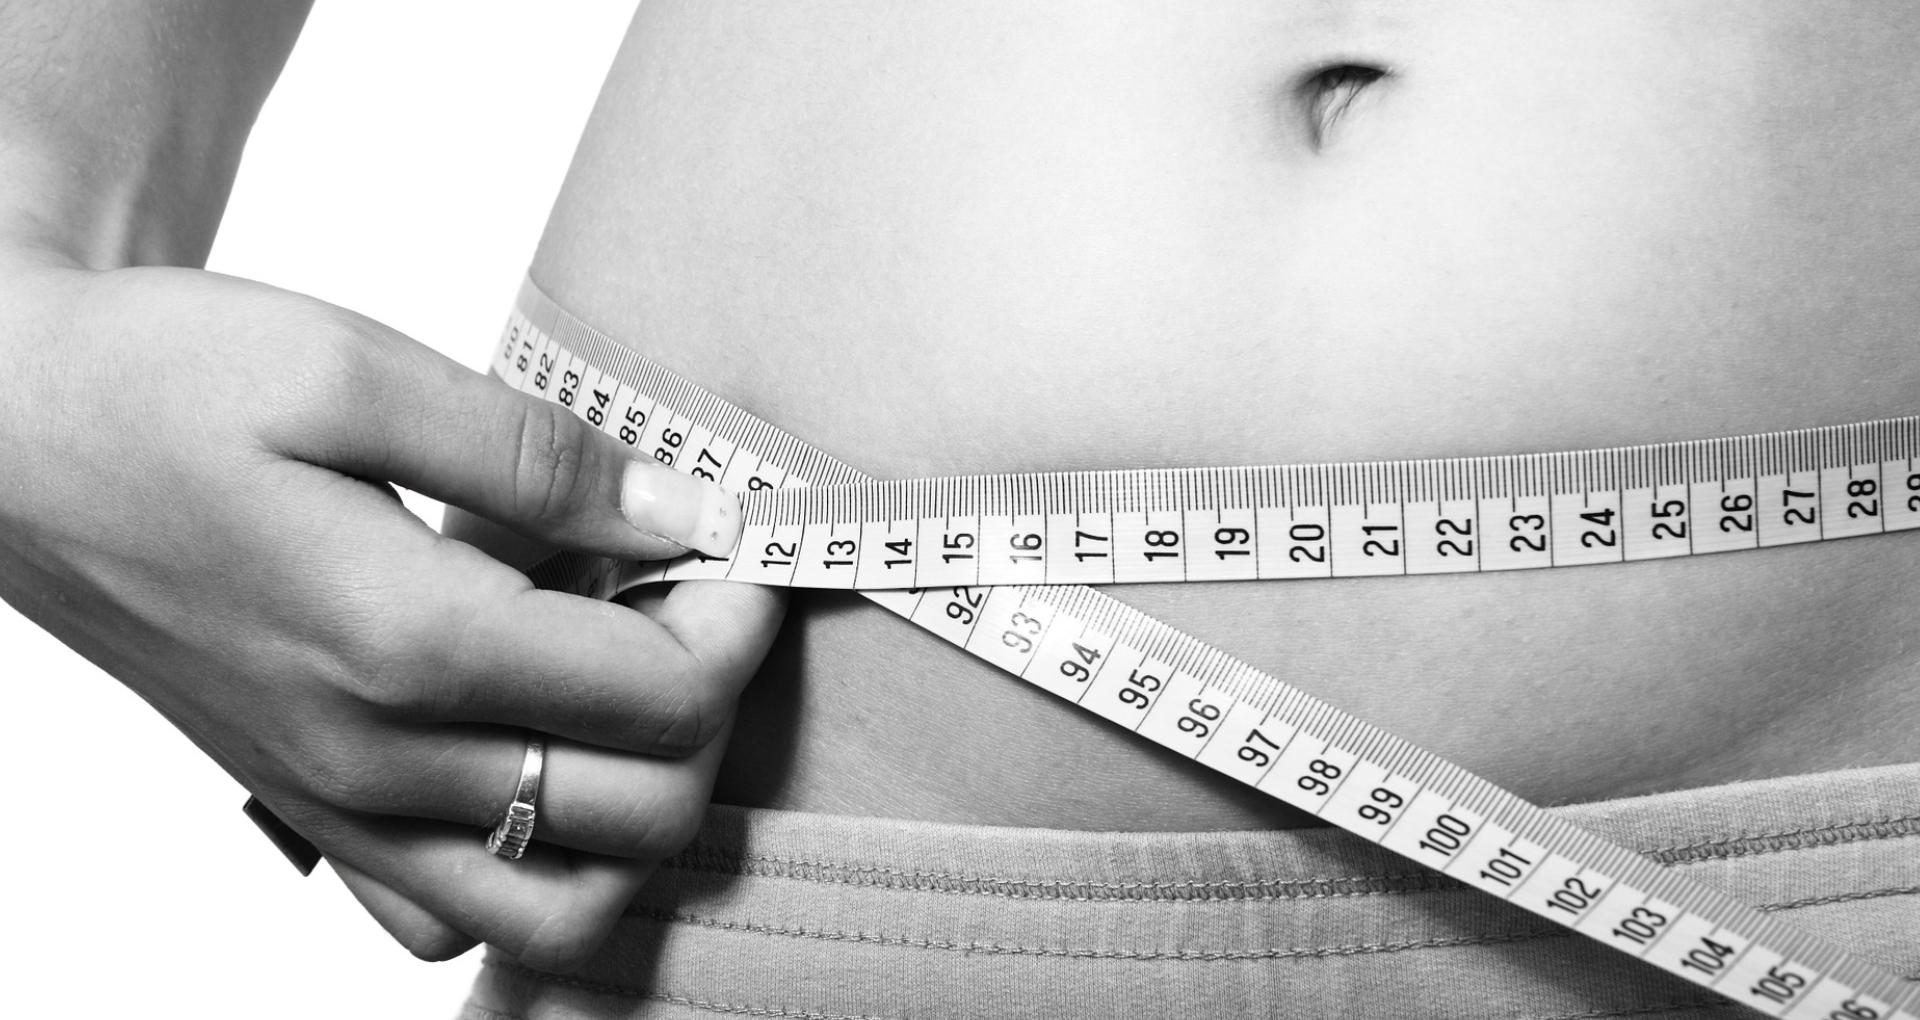 Weight Loss Tips: बिना एक्सरसाइज किए ऐसे बर्न कर सकते हैं कैलोरी, घर बैठे घटा सकते हैं अपना वजन